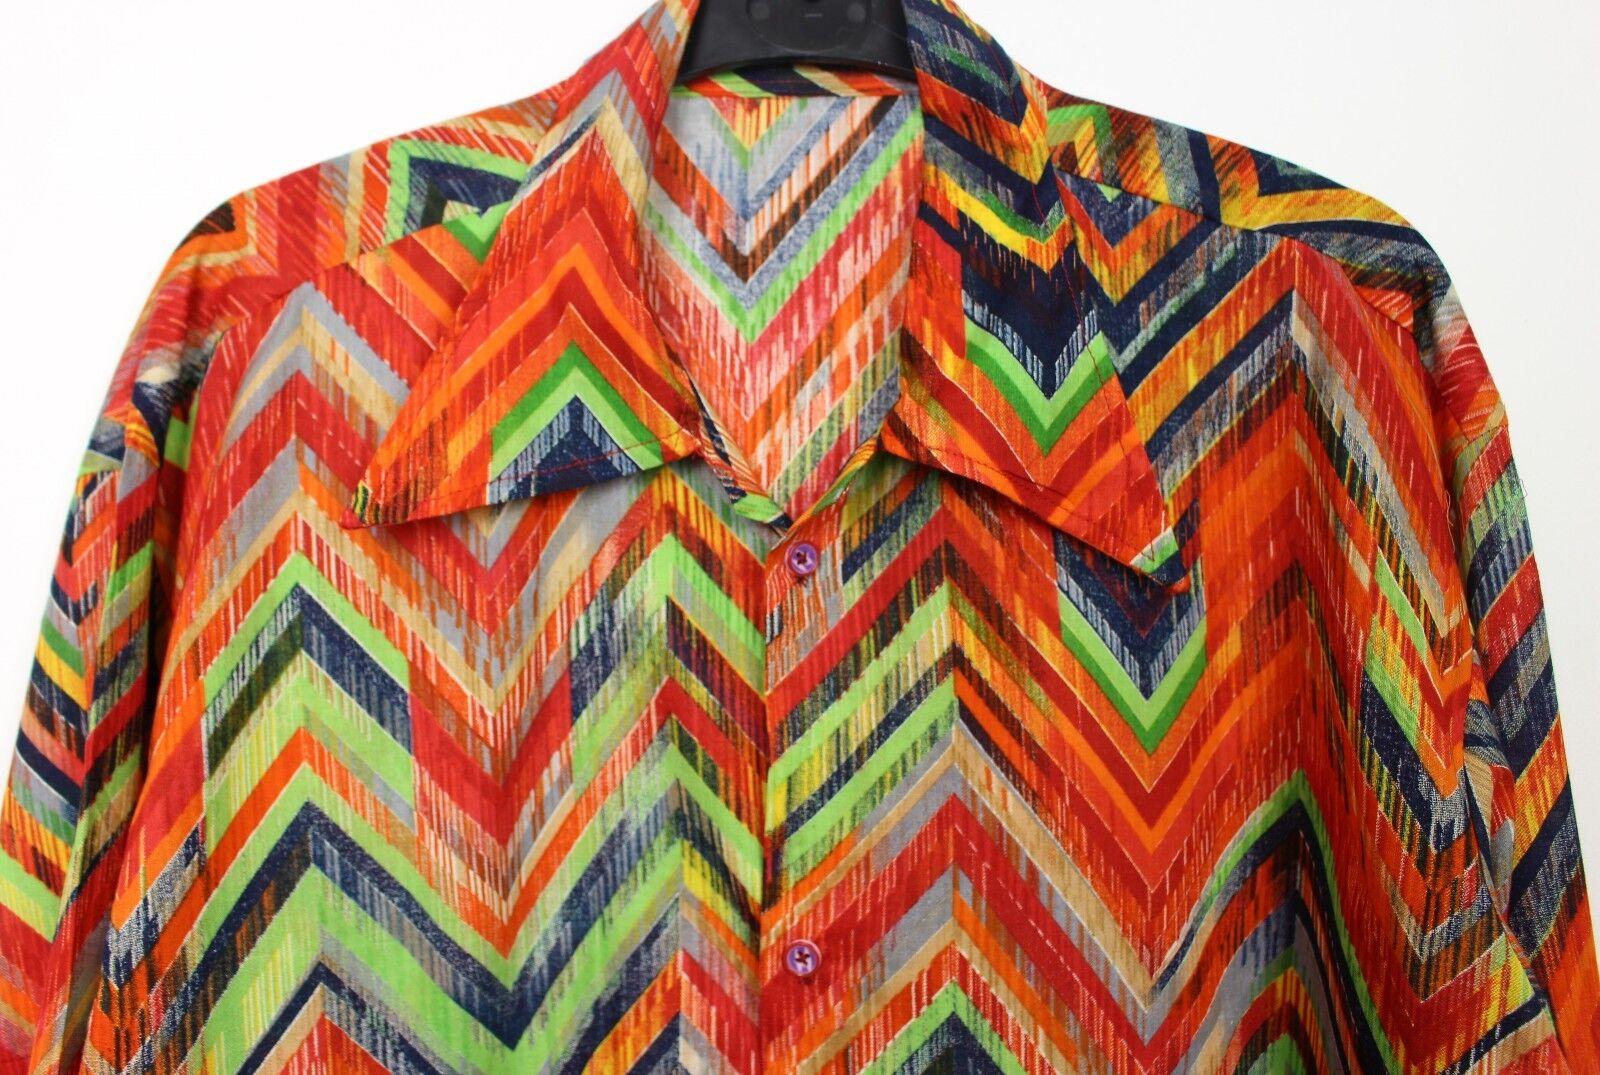 VINTAGE Da Uomo 60s 70s stile ARCOBALENO DISCOTECA PSICHEDELICHE Stag Festival SLIM FIT shirt M